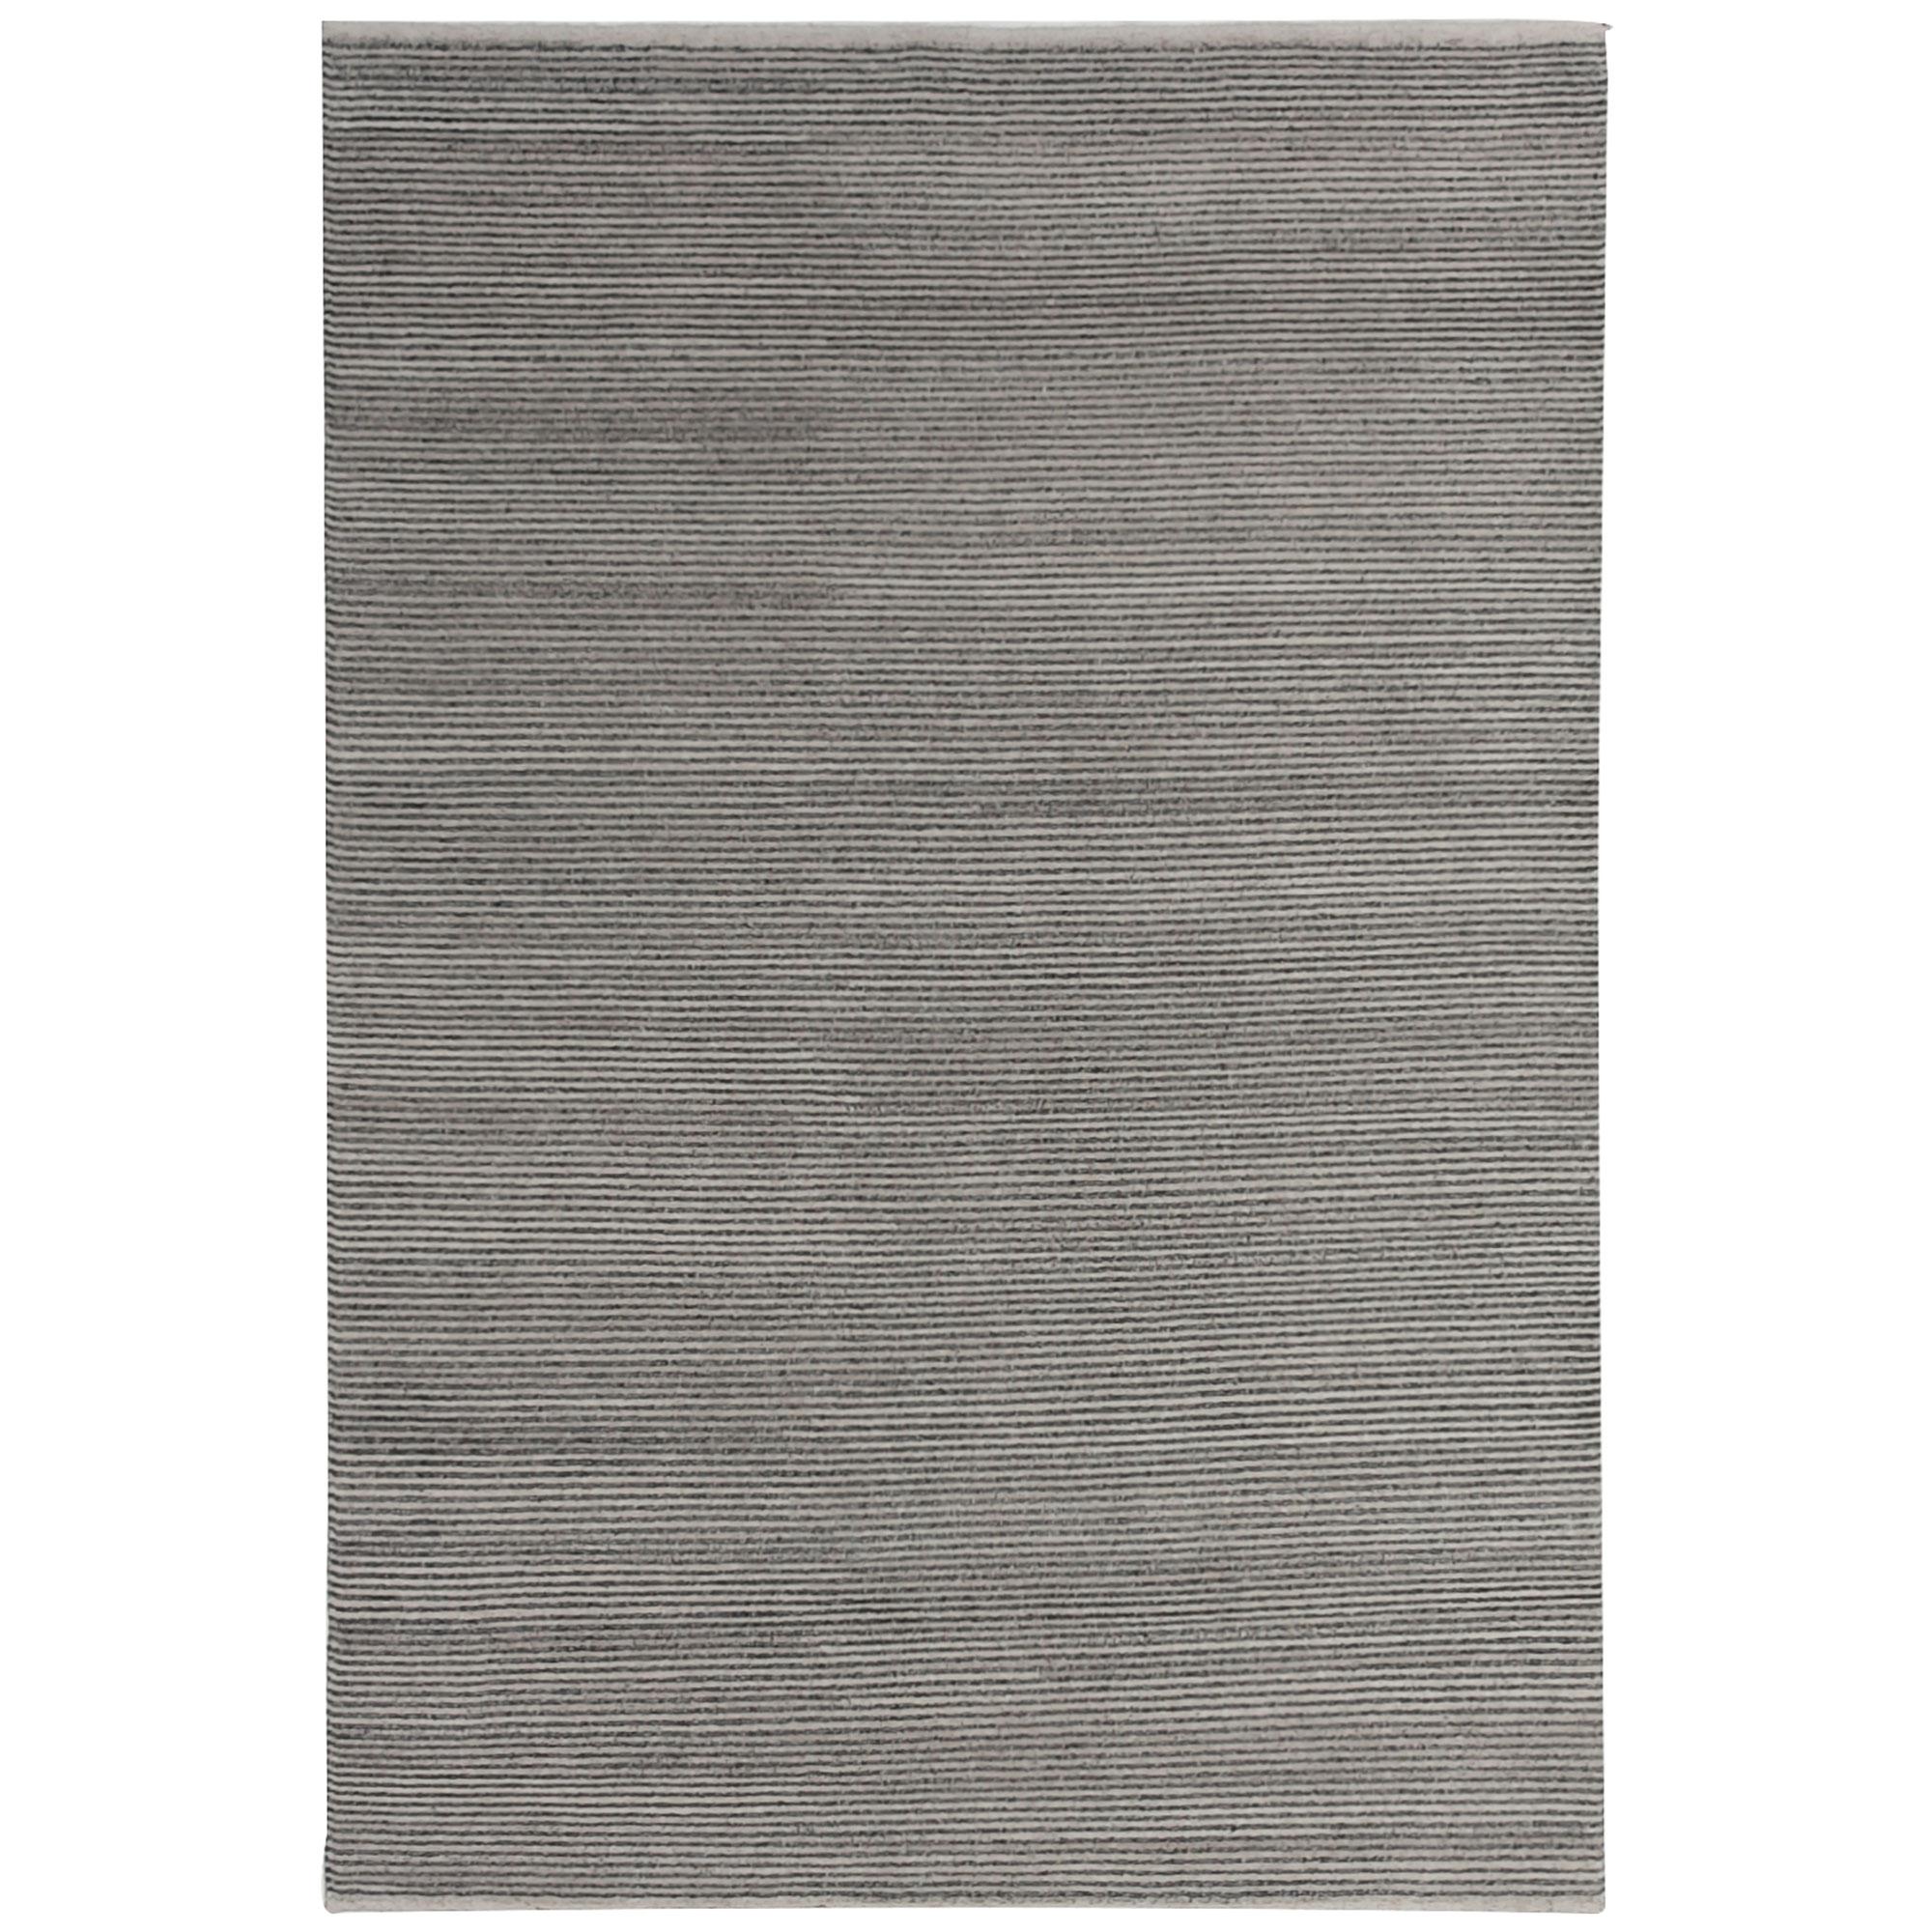 Boheme-steel-200x300_wide